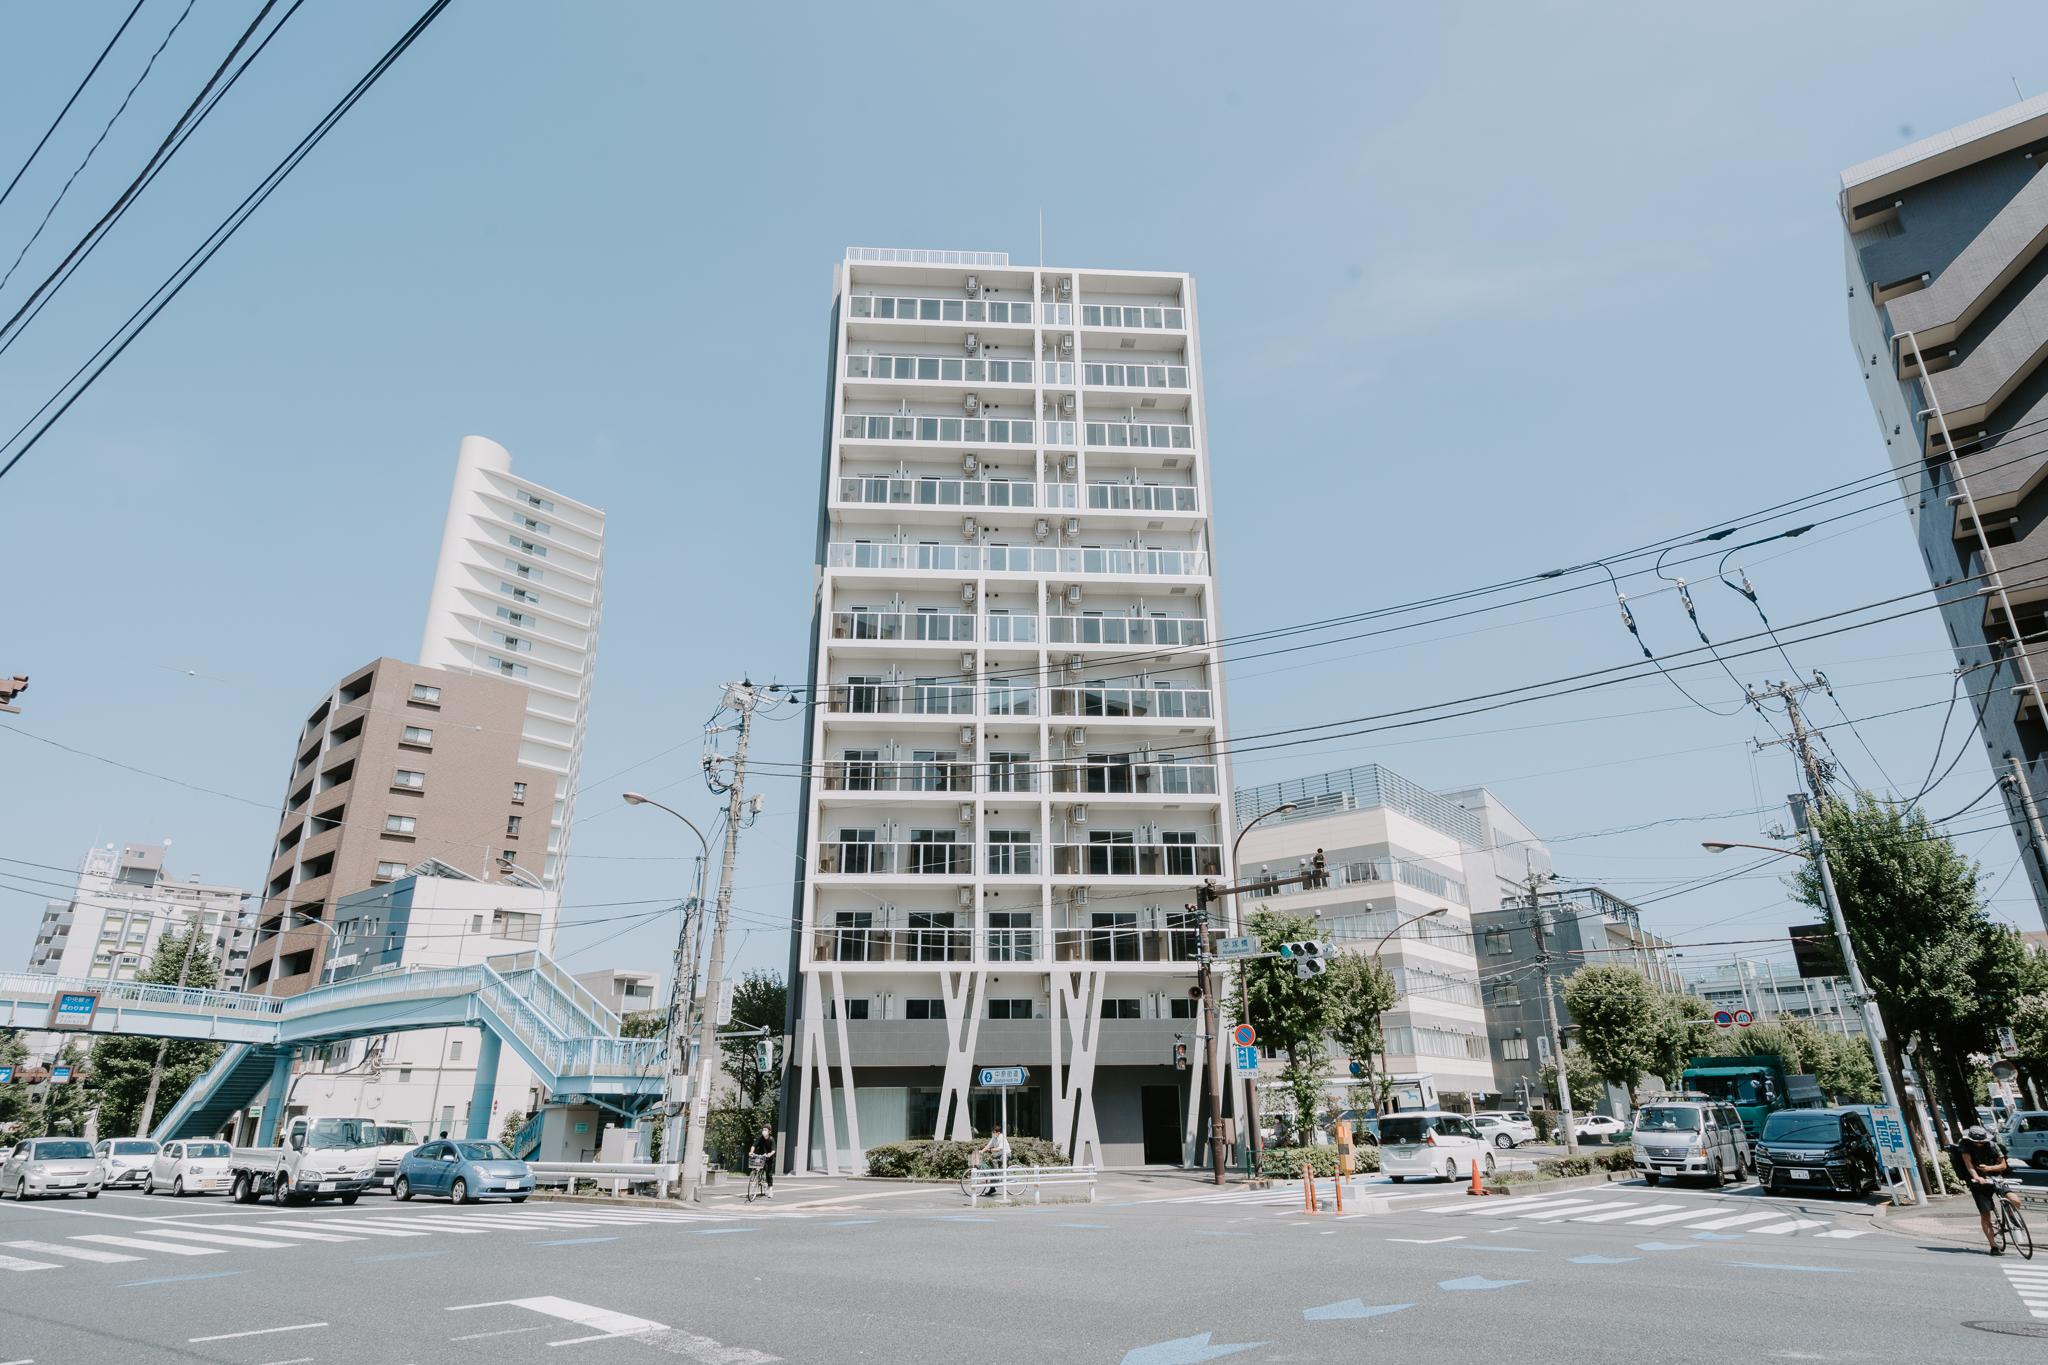 物件は中原街道沿いの交差点の角地にある、10階建ての新築マンション。スタイリッシュな外観ですね。